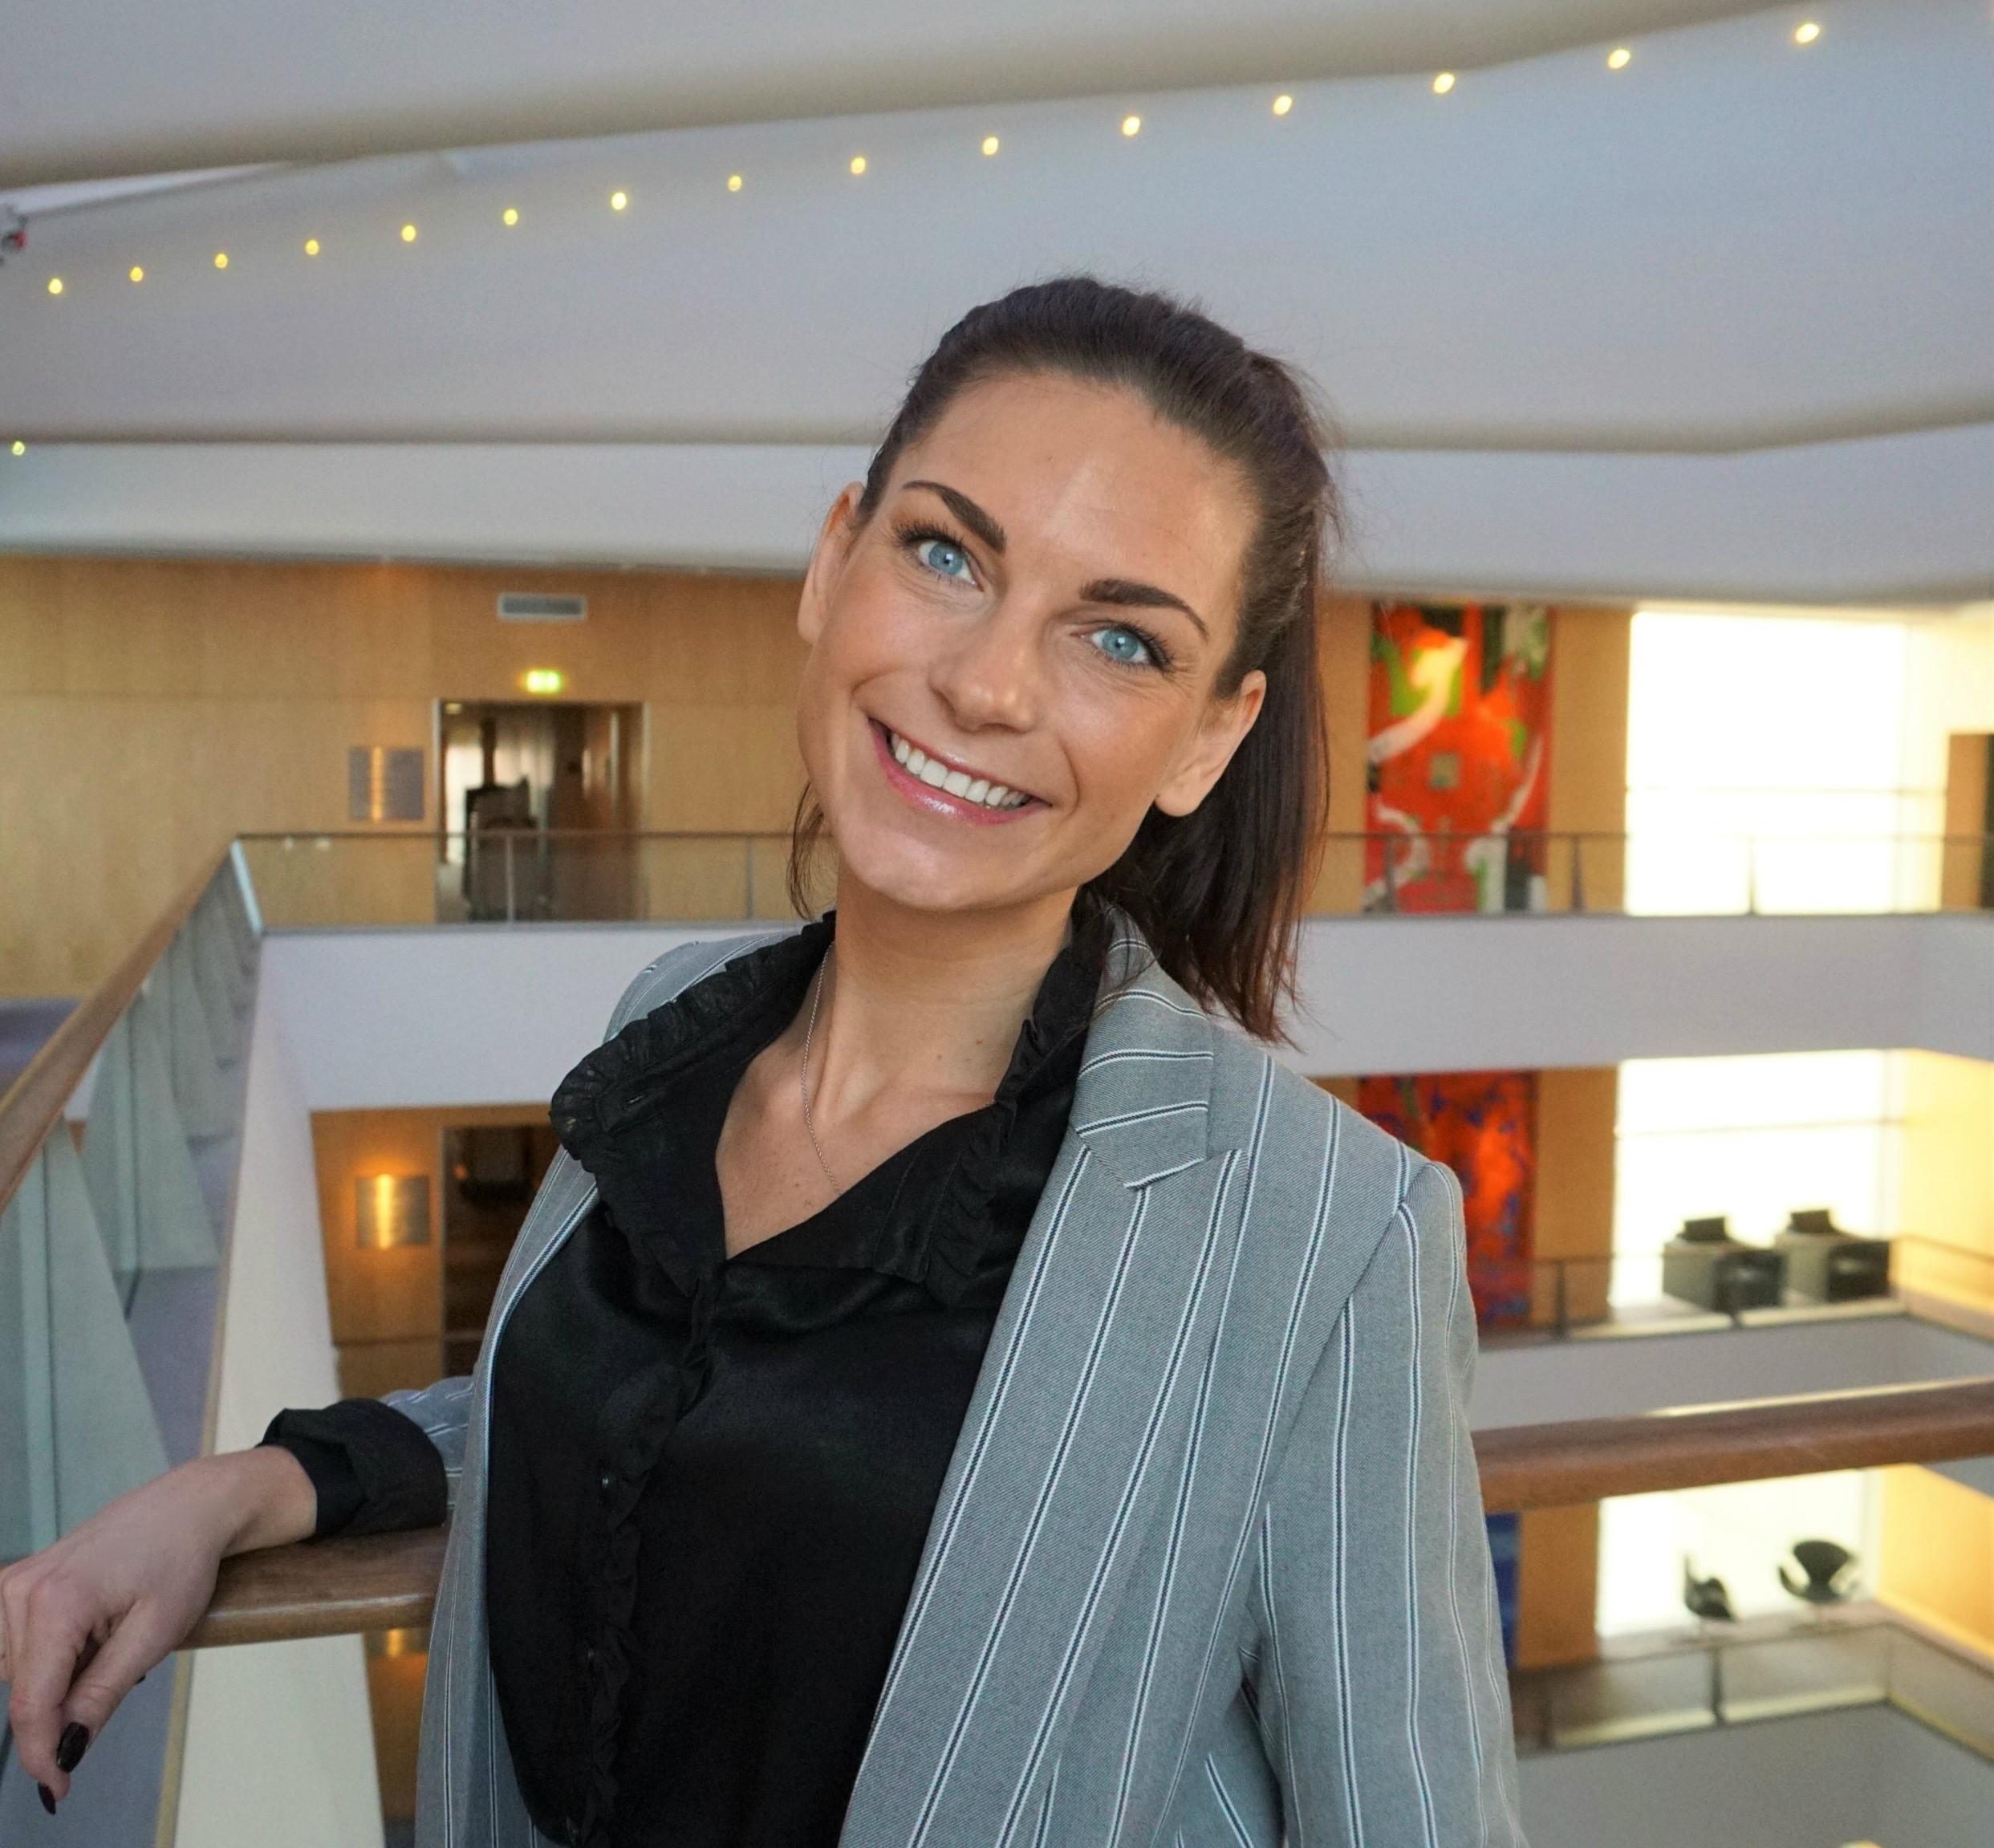 35-årige svenske Lisette Jönsson er netop begyndt som driftsdirektør for Københavns næste luksushotel, Villa Copenhagen, der åbner om et års tid. Foto: Nordic Hotels & Resorts.